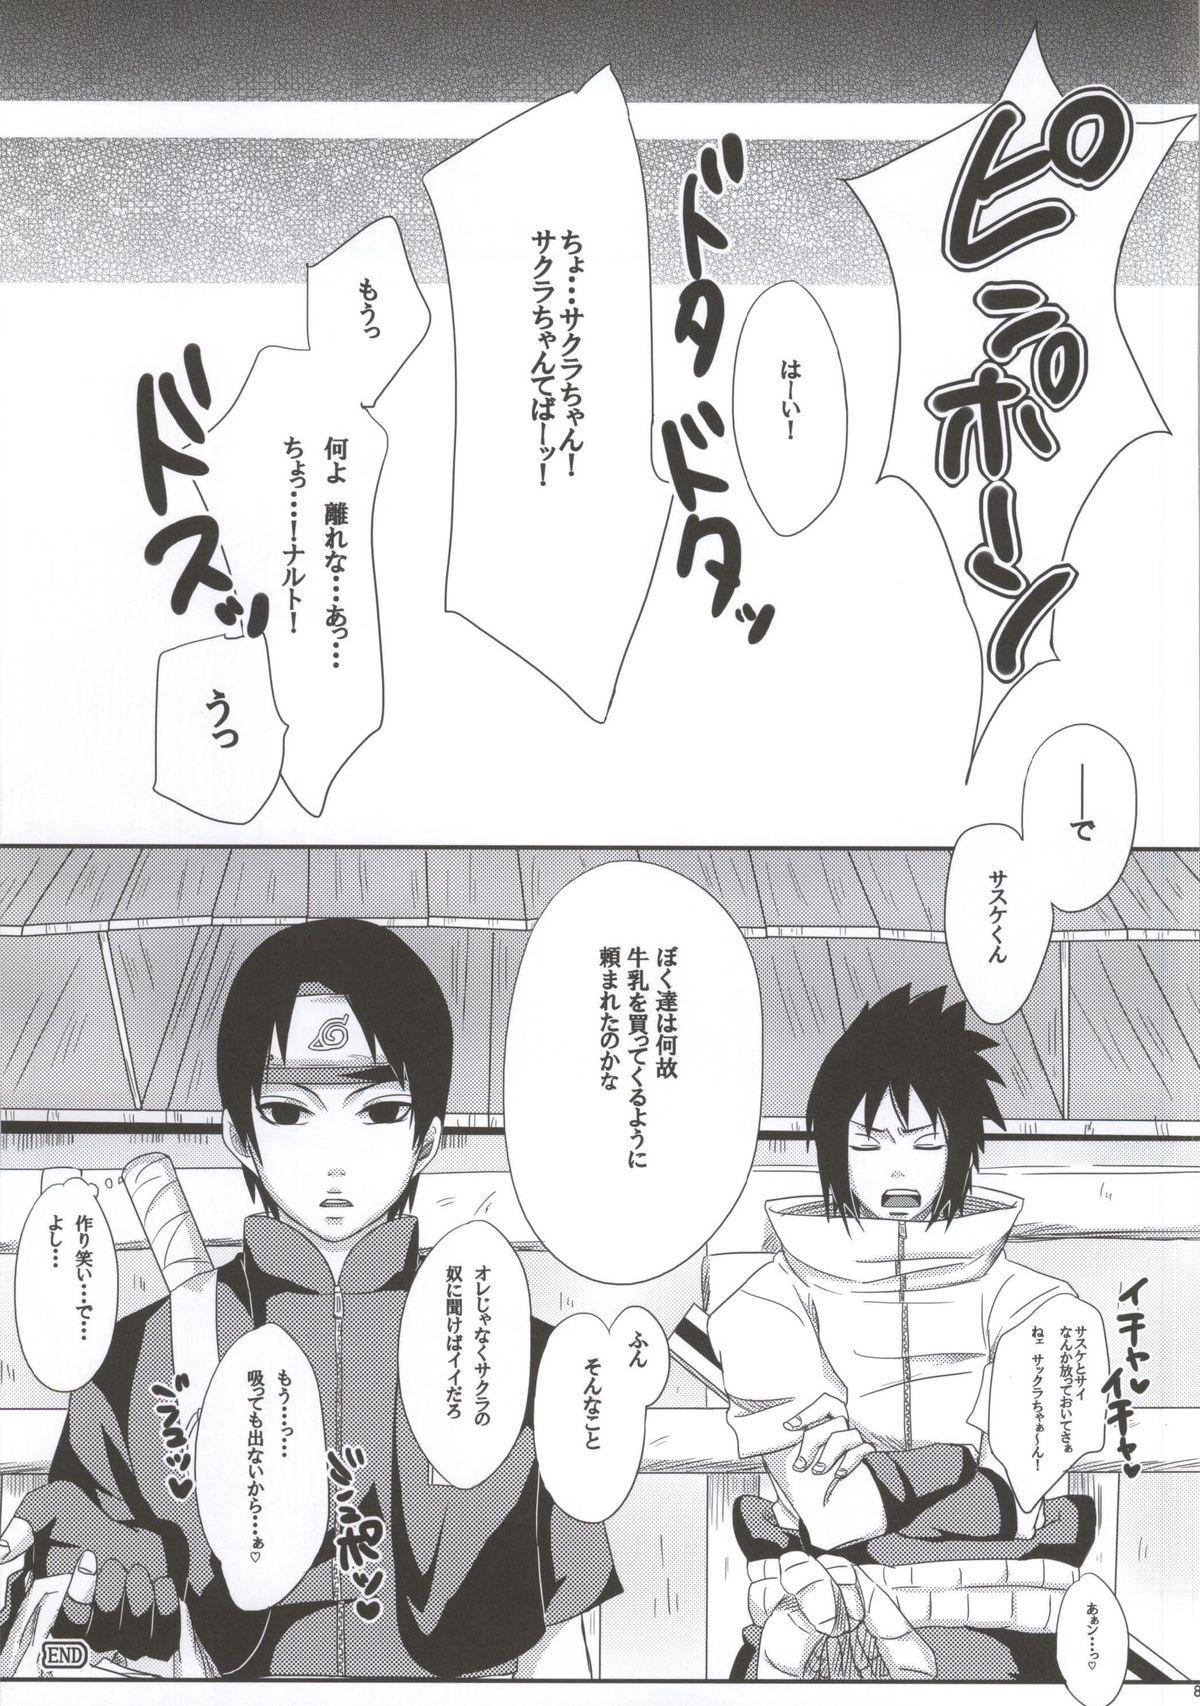 Shinobi no Kokoroe 79